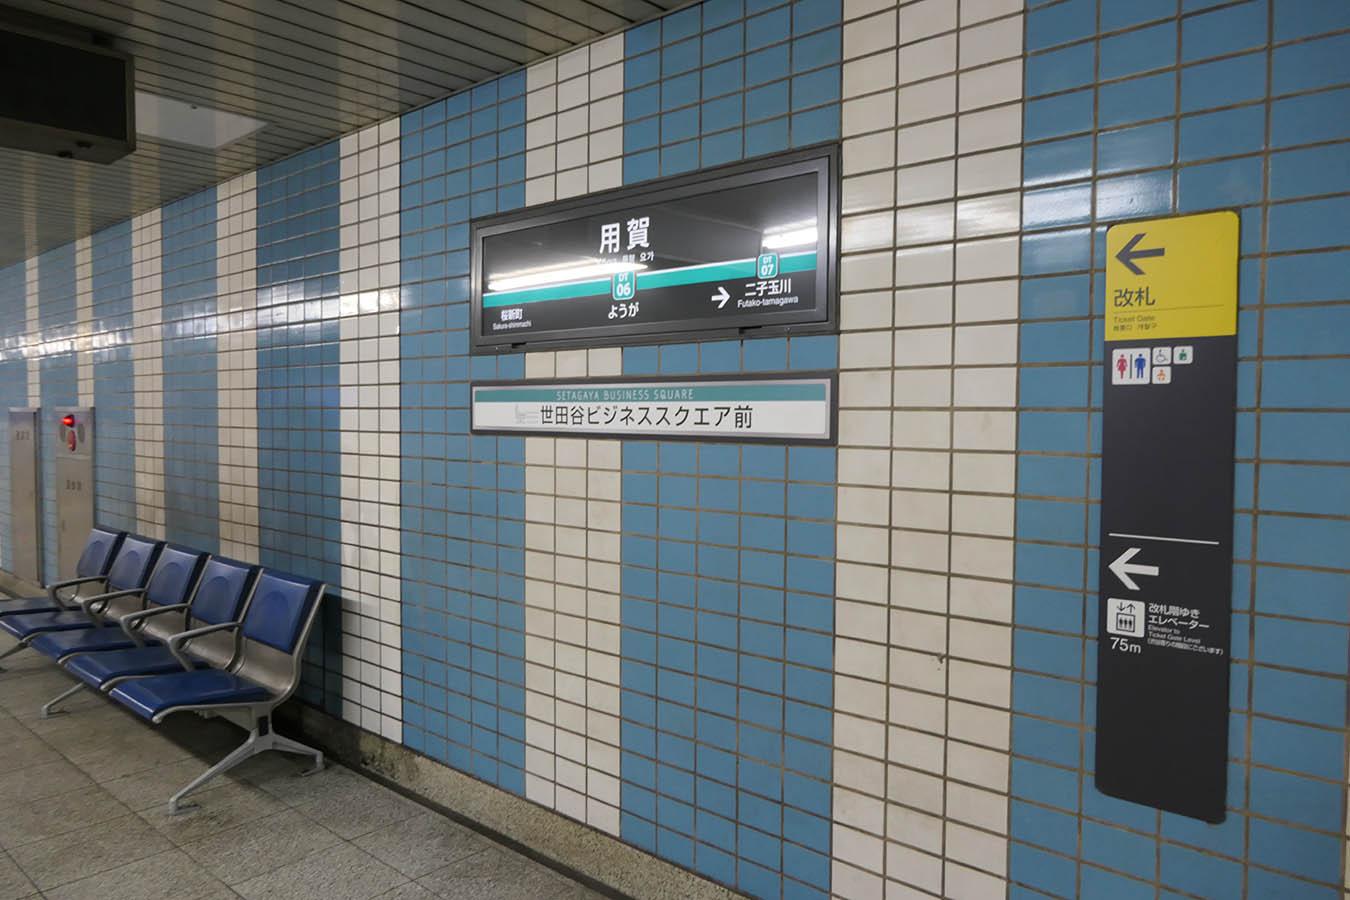 駅 用賀 用賀駅のバス時刻表とバスのりば地図|東急バス|路線バス情報